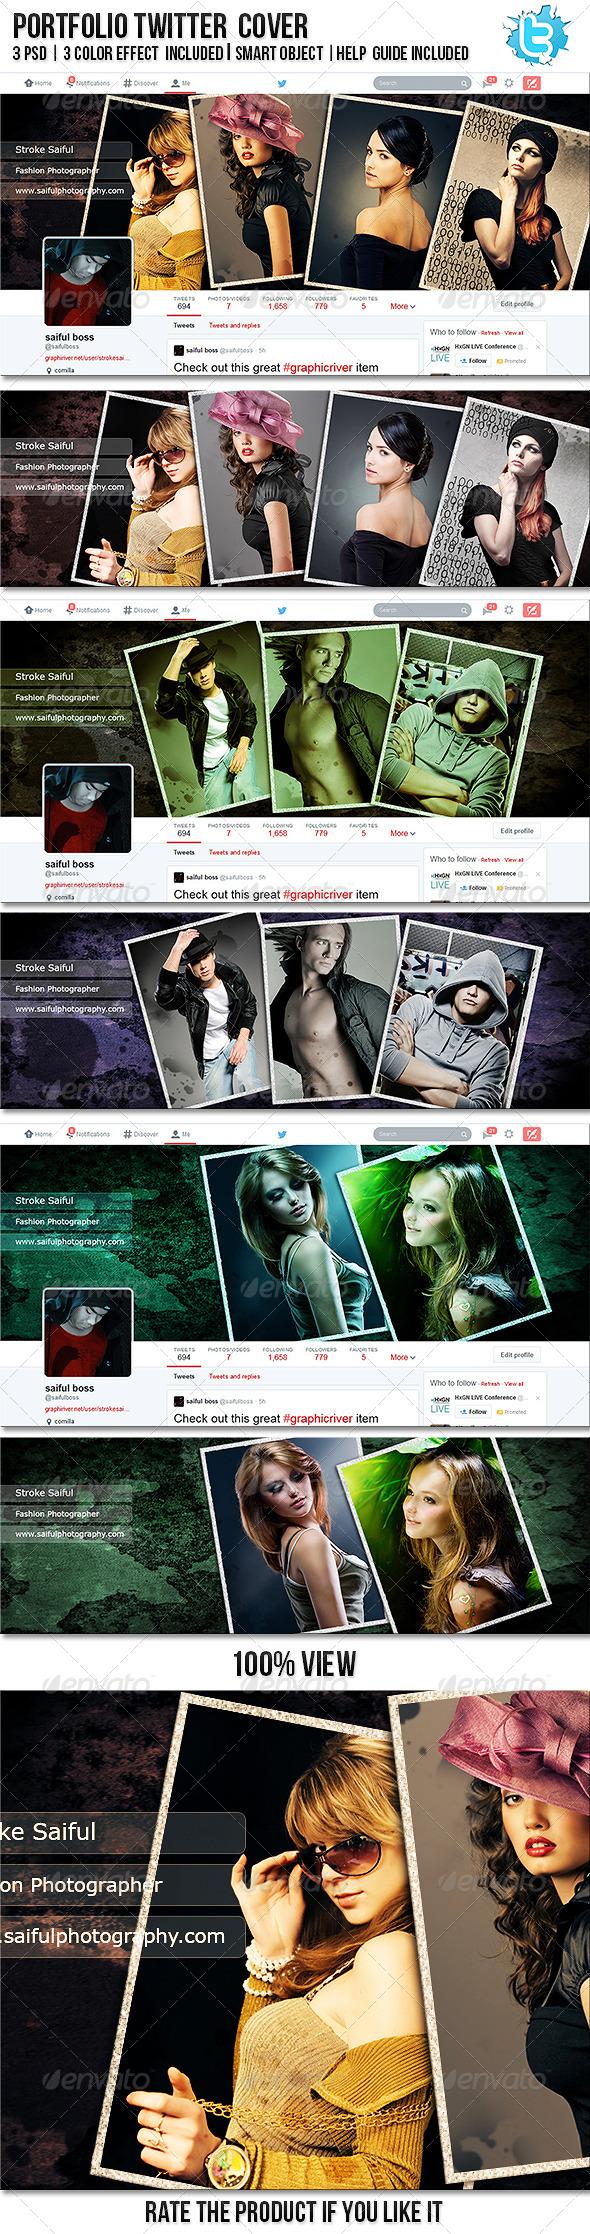 GraphicRiver Portfolio Twitter Profile Cover 8276180